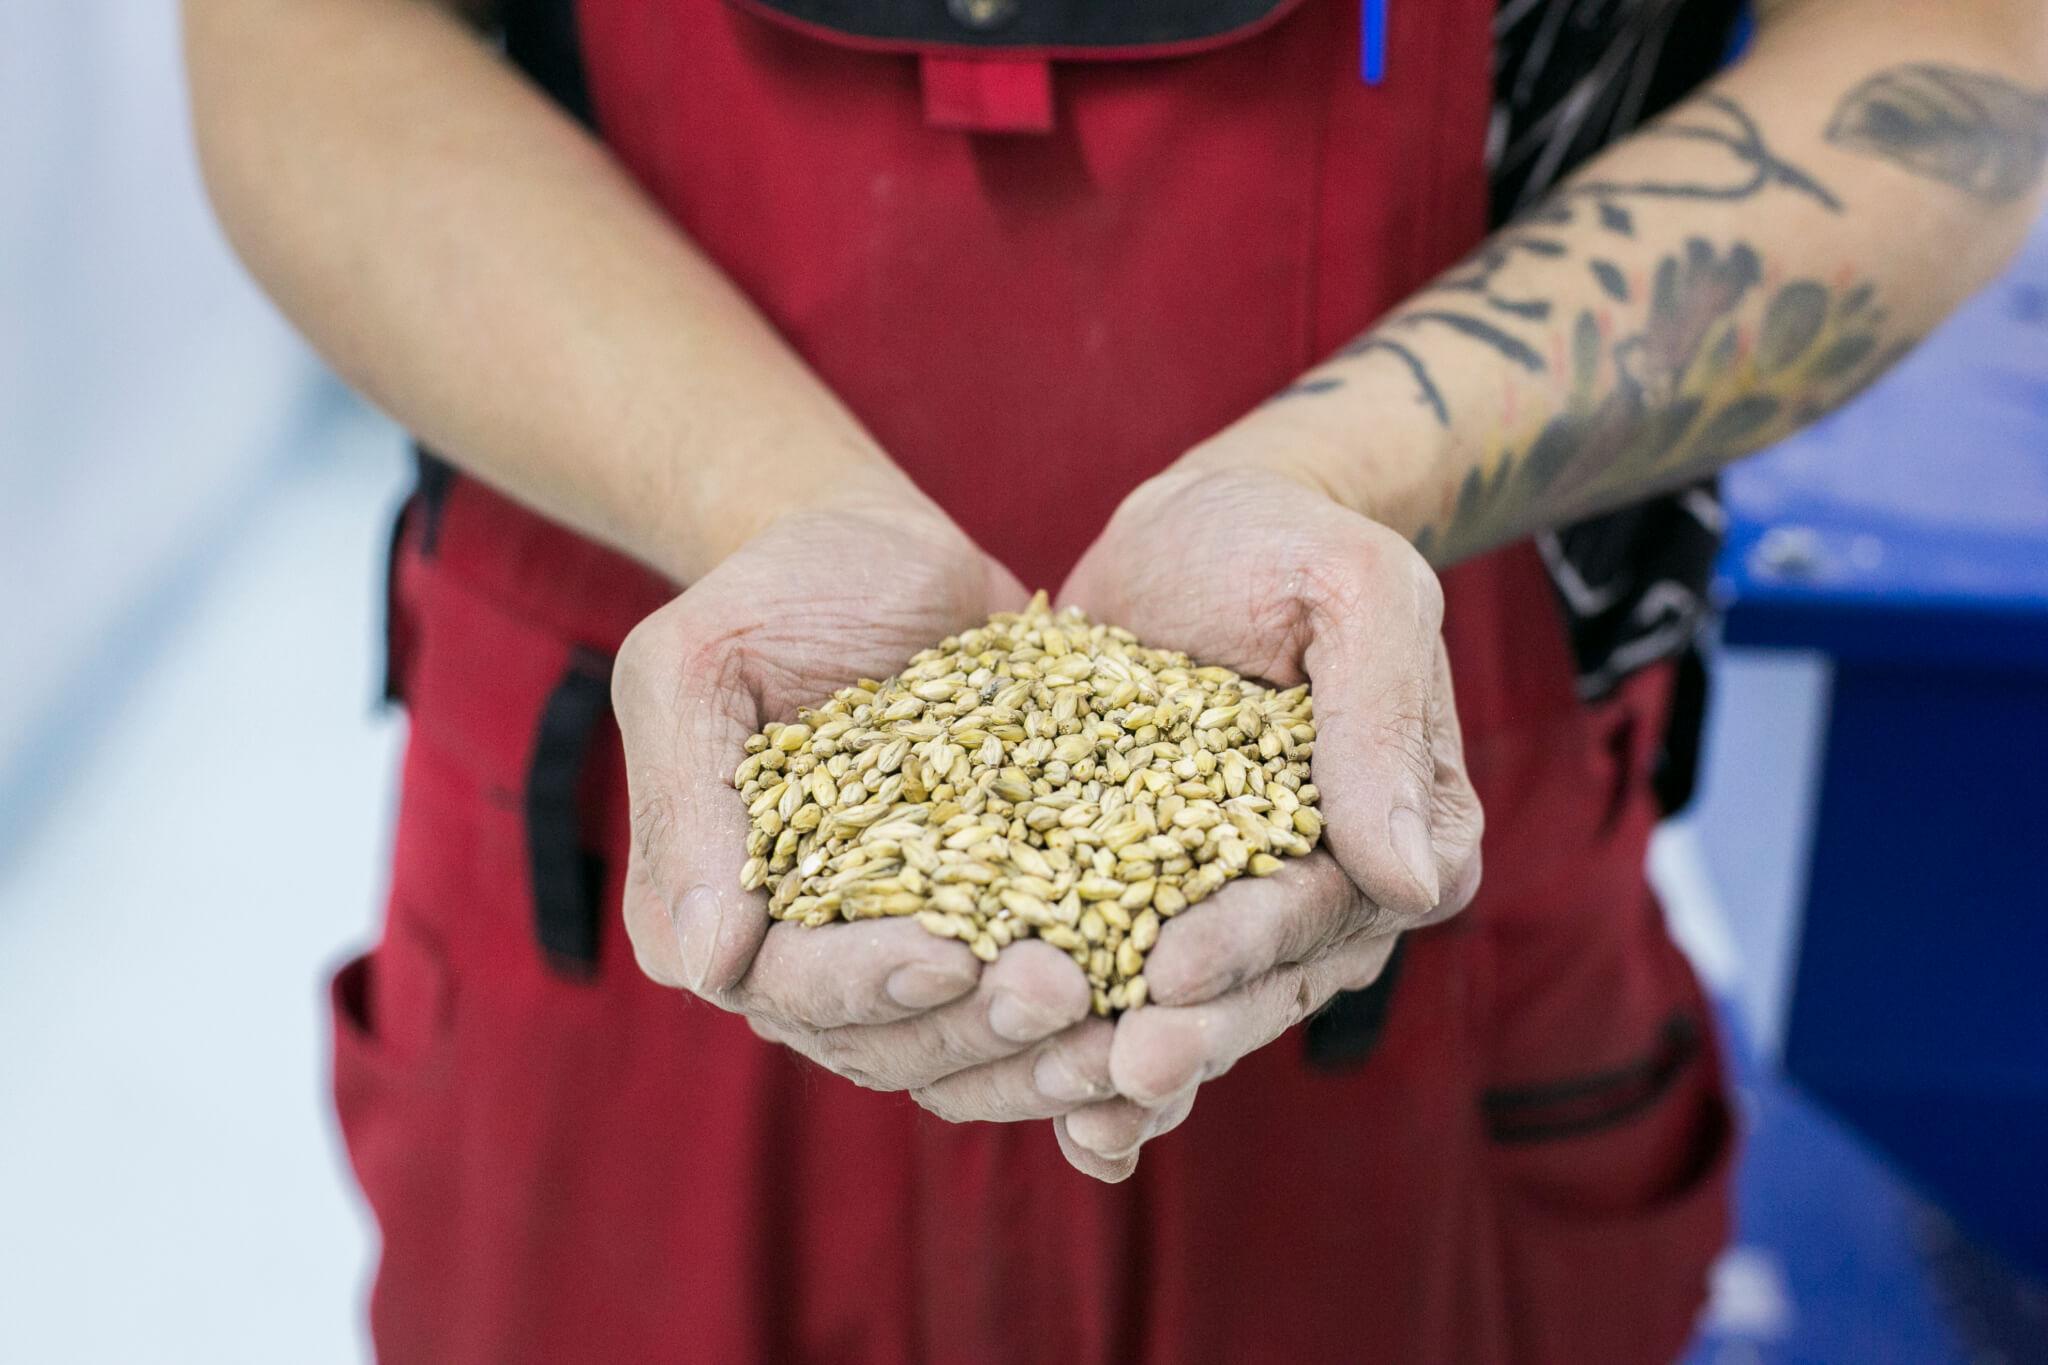 四款味道,不同麥芽的分量和配搭,或煙燻或烘烤去帶出不同的風味。